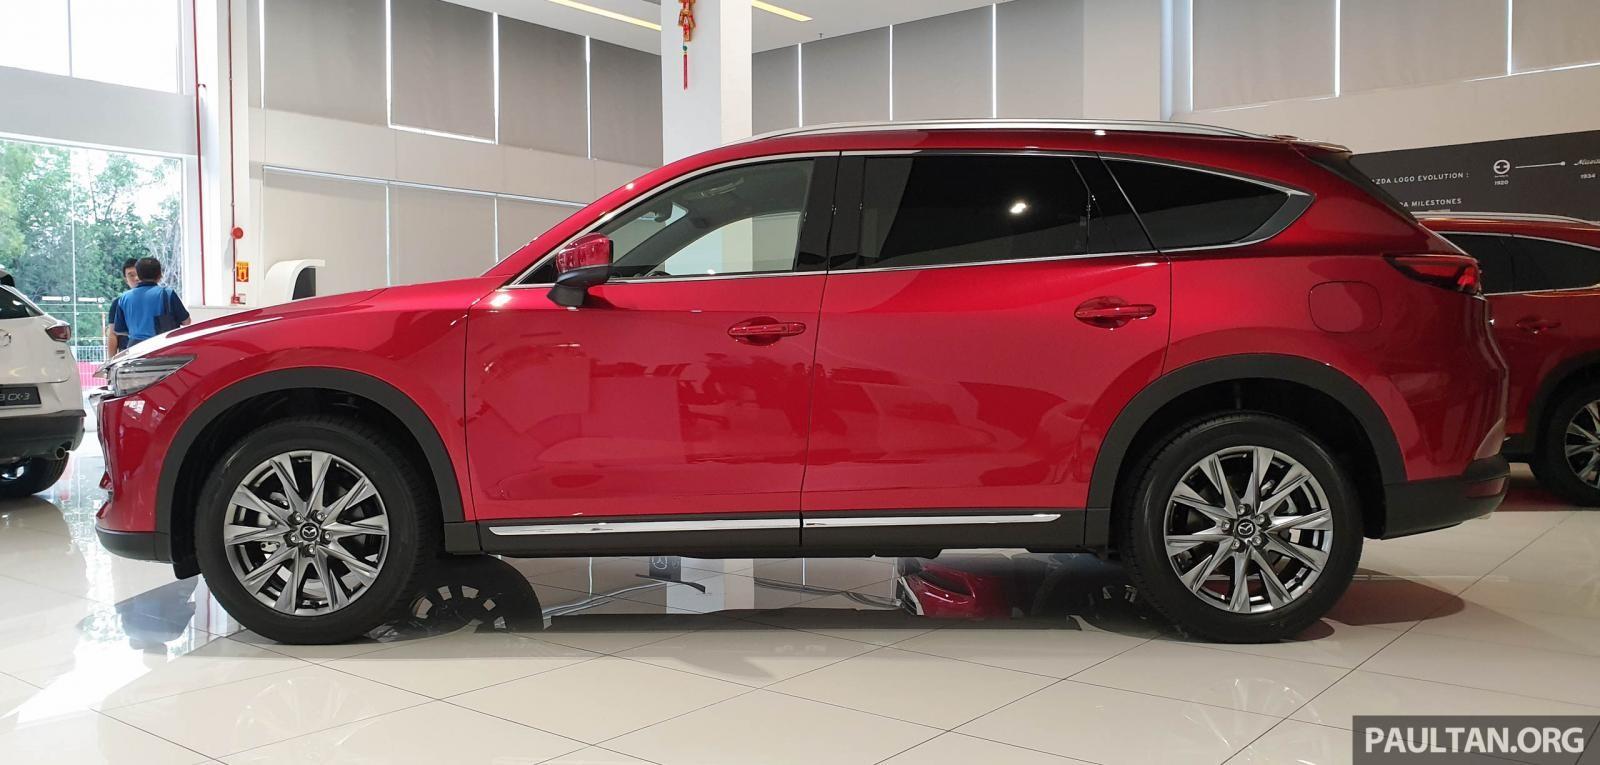 Bộ vành hợp kim 19 inch của Mazda CX-8 2019